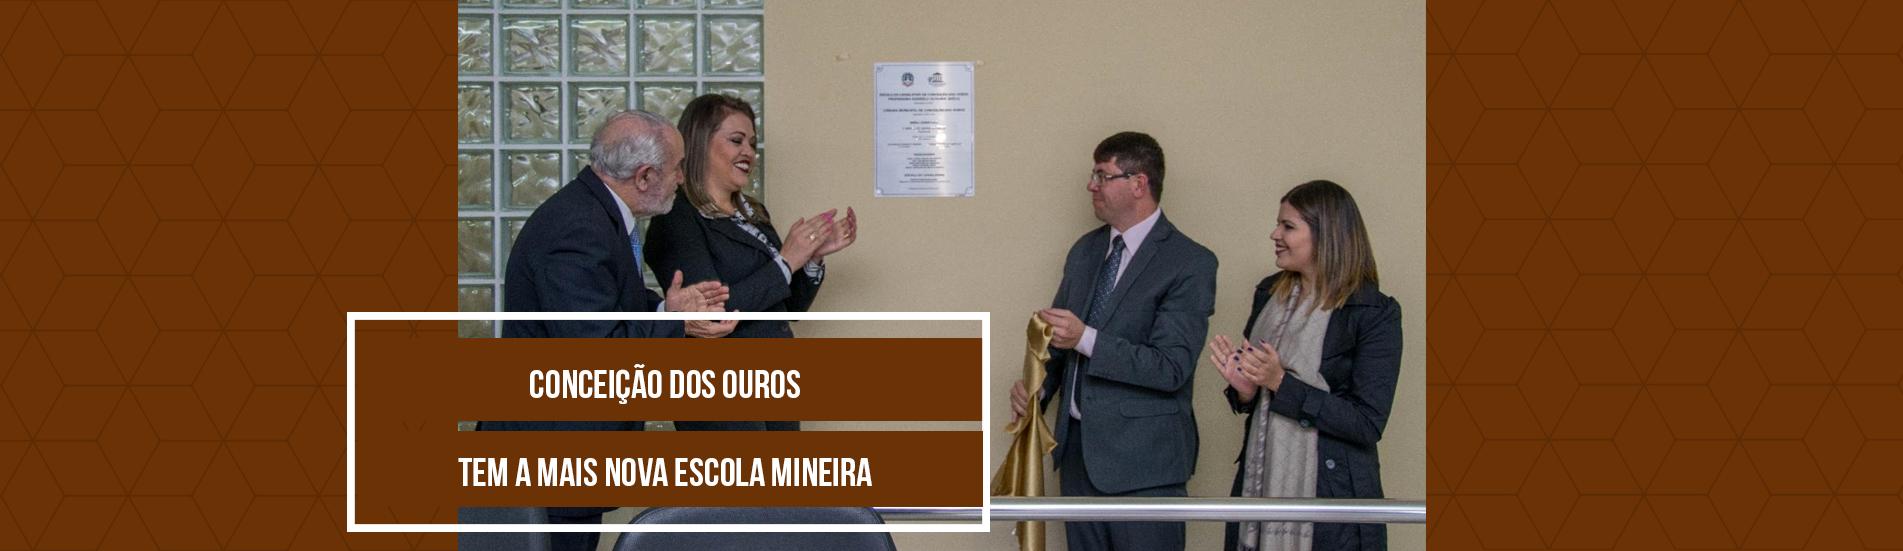 abel-escola-mineira